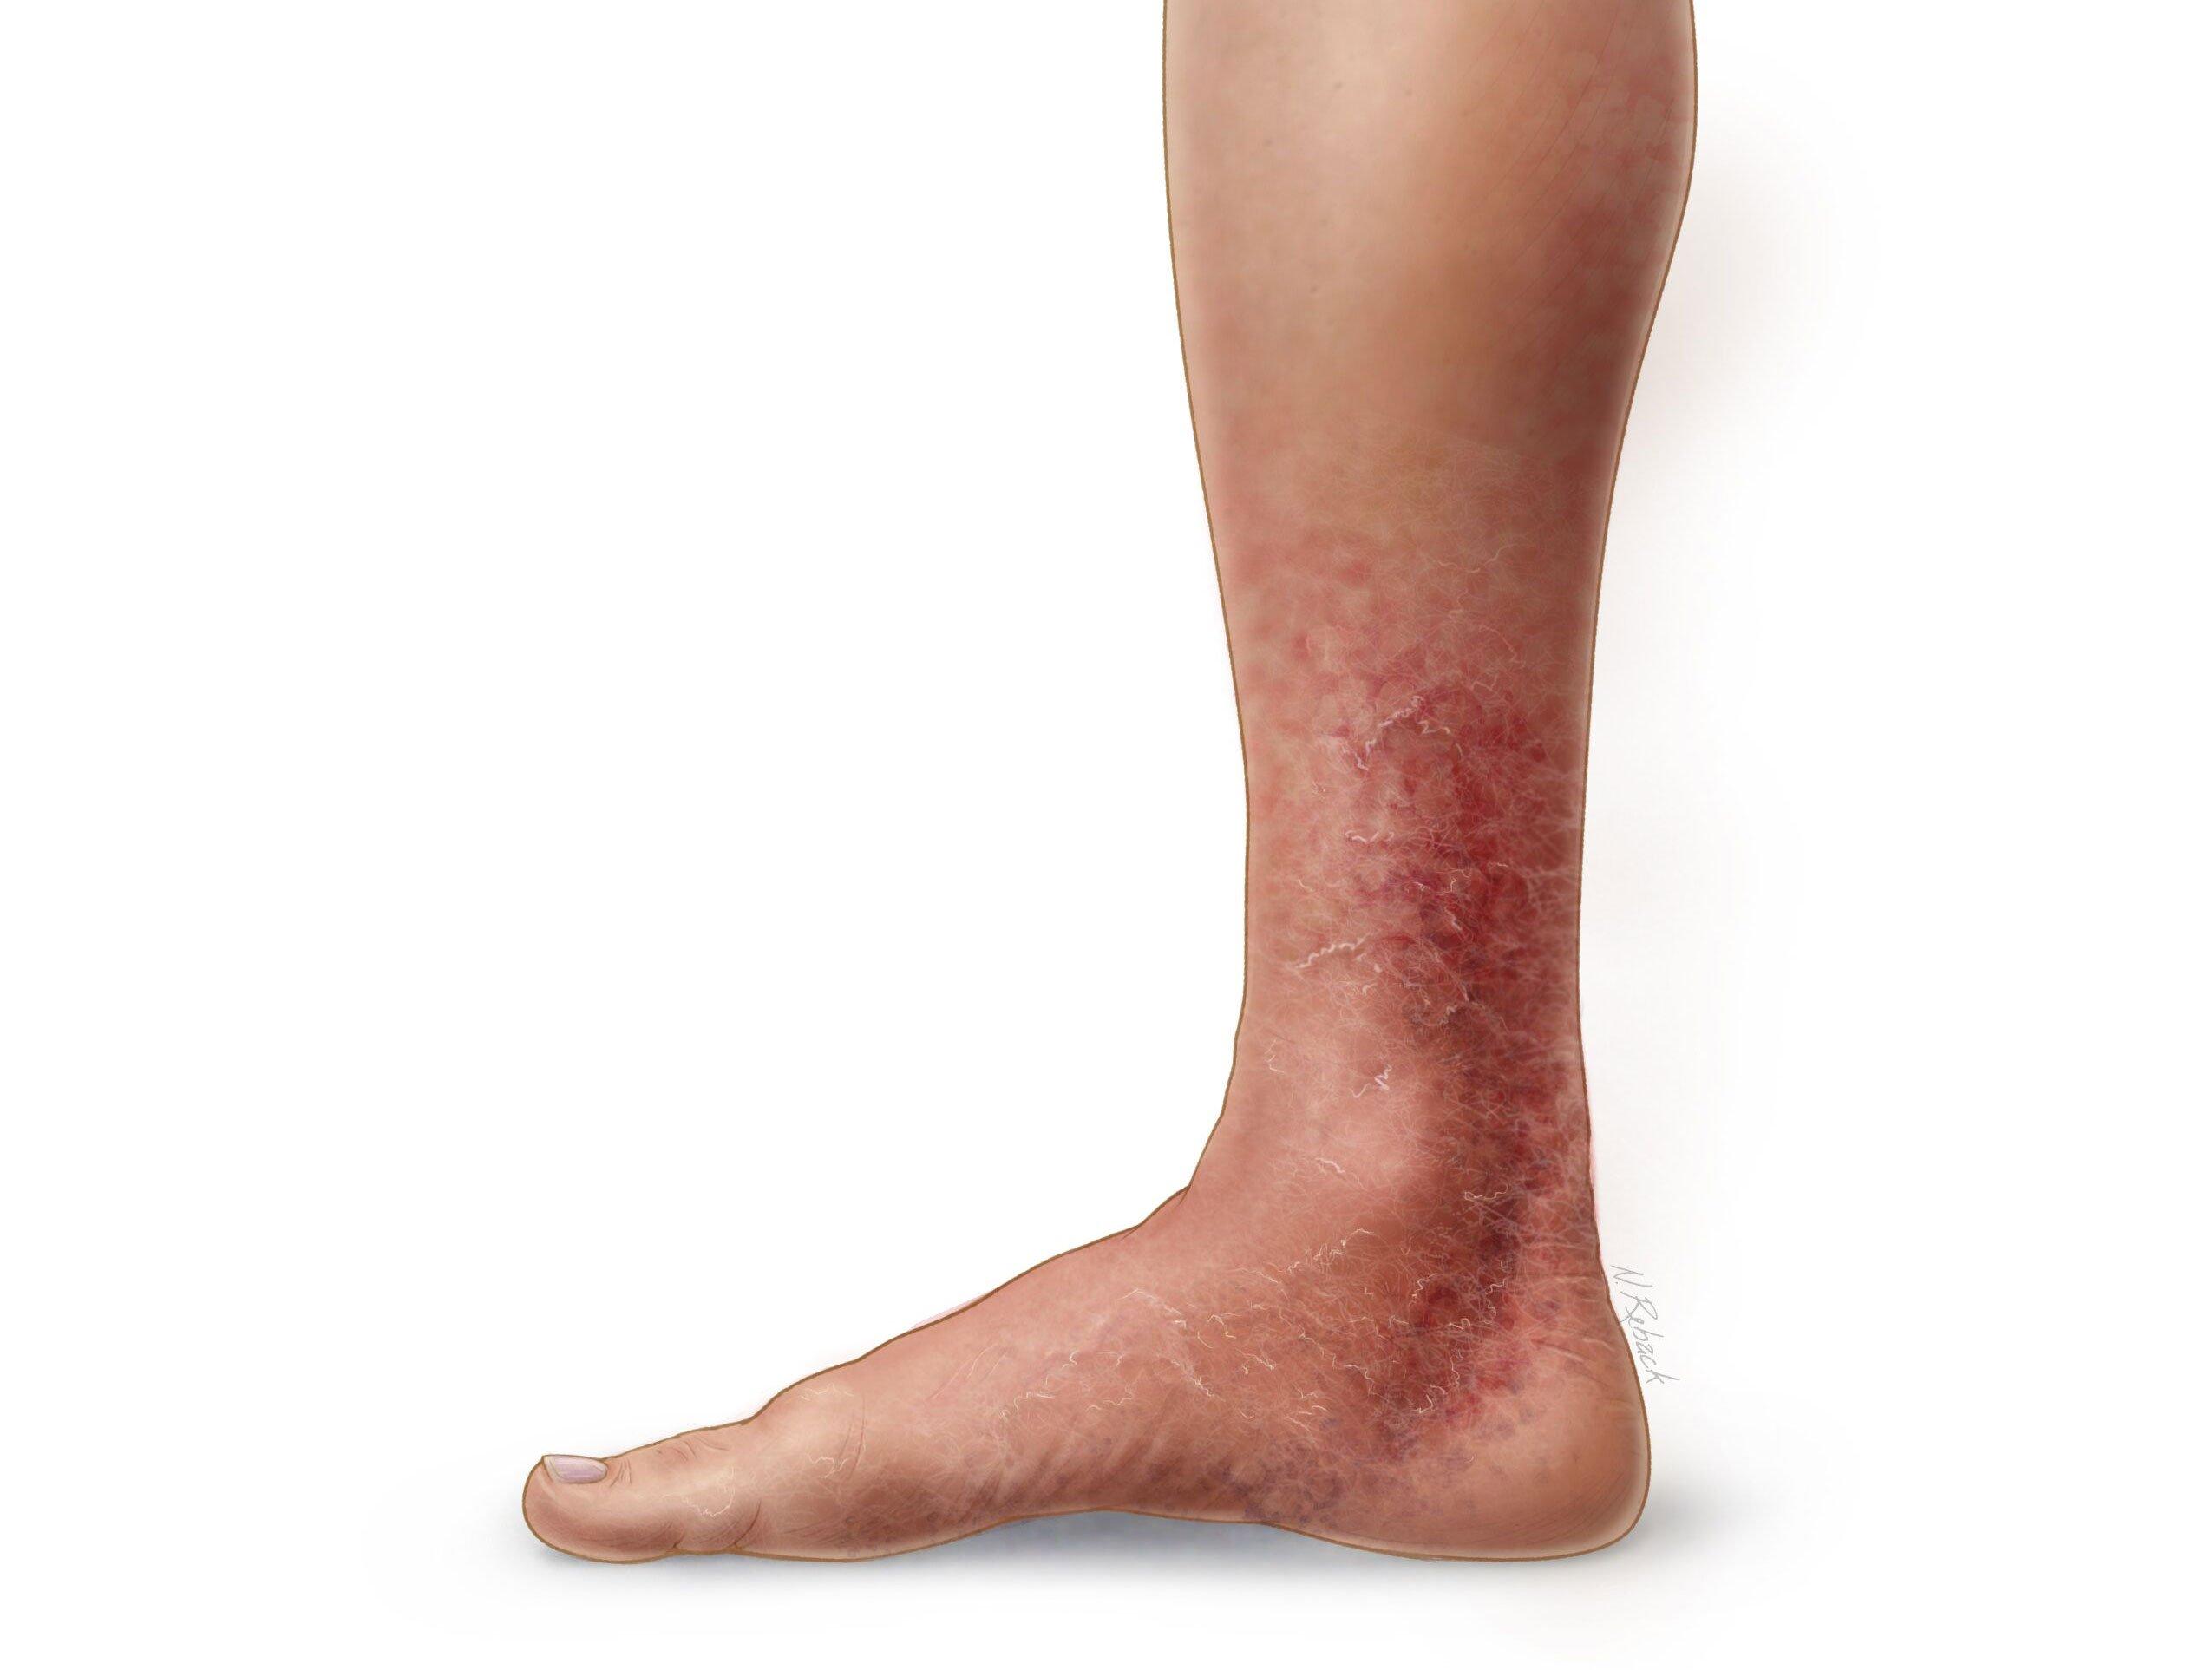 Тромбы: образование, симптомы, отрыв - в ноге, сердце